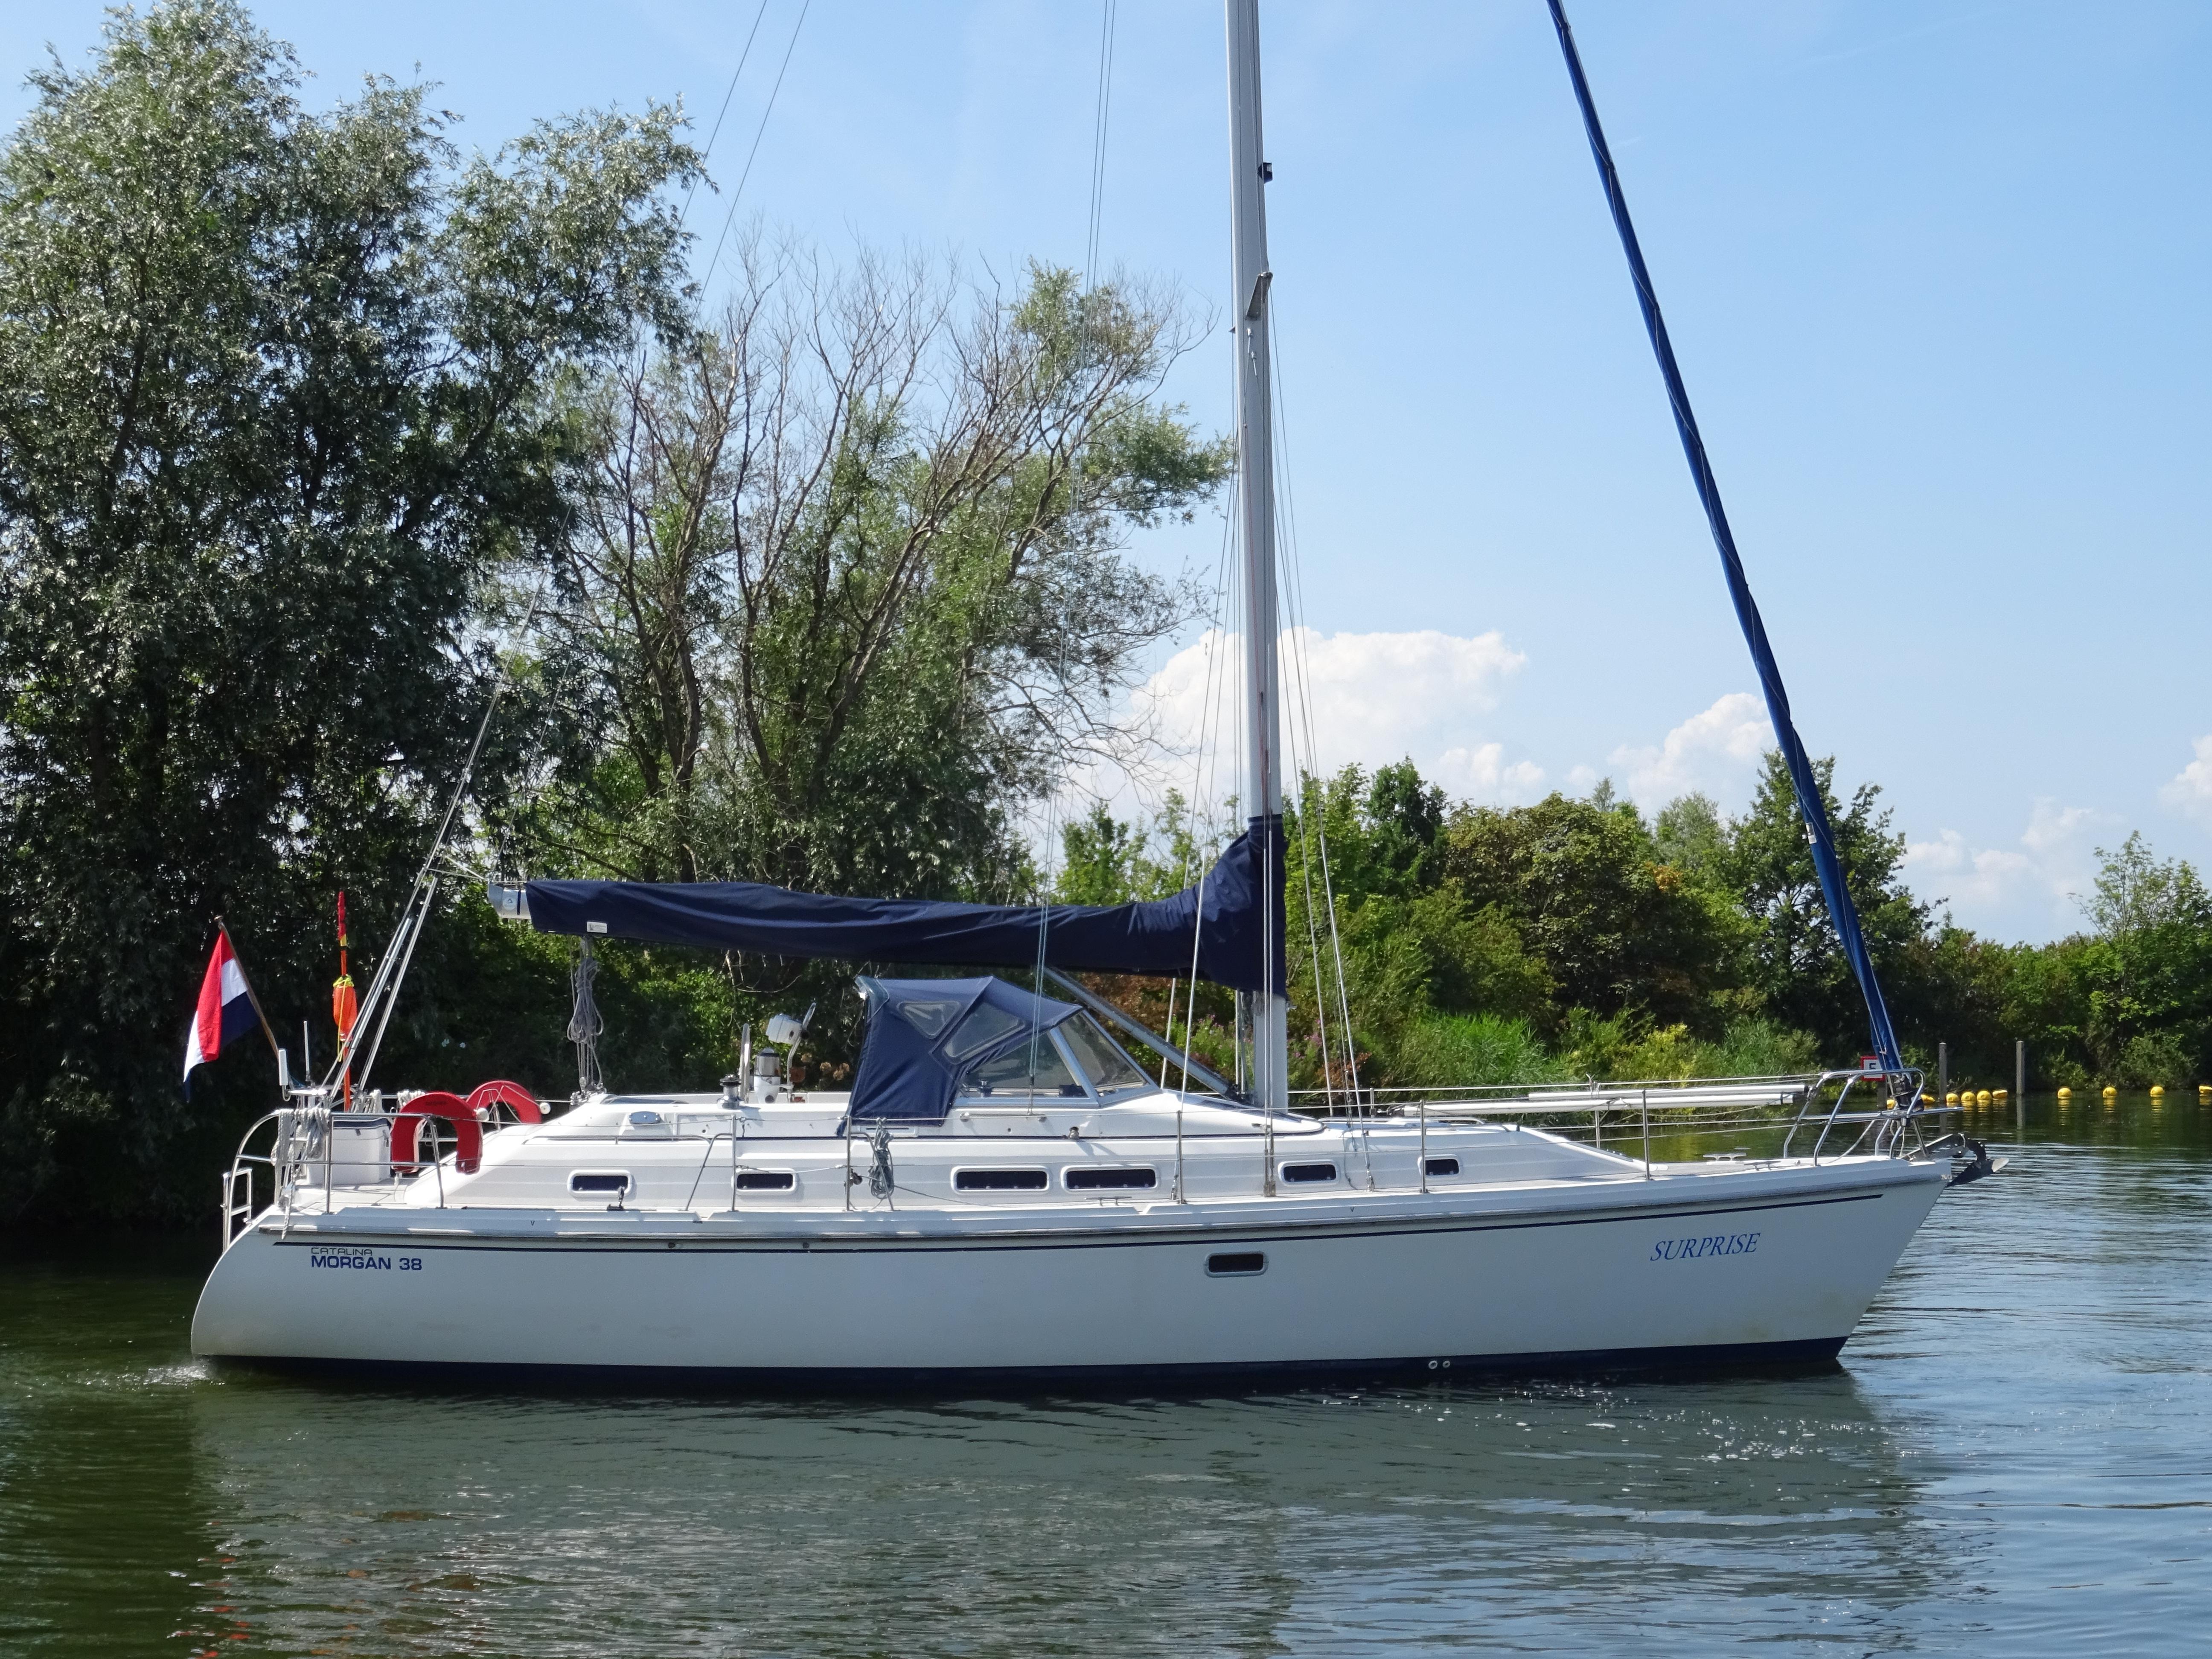 Catalina Morgan 38